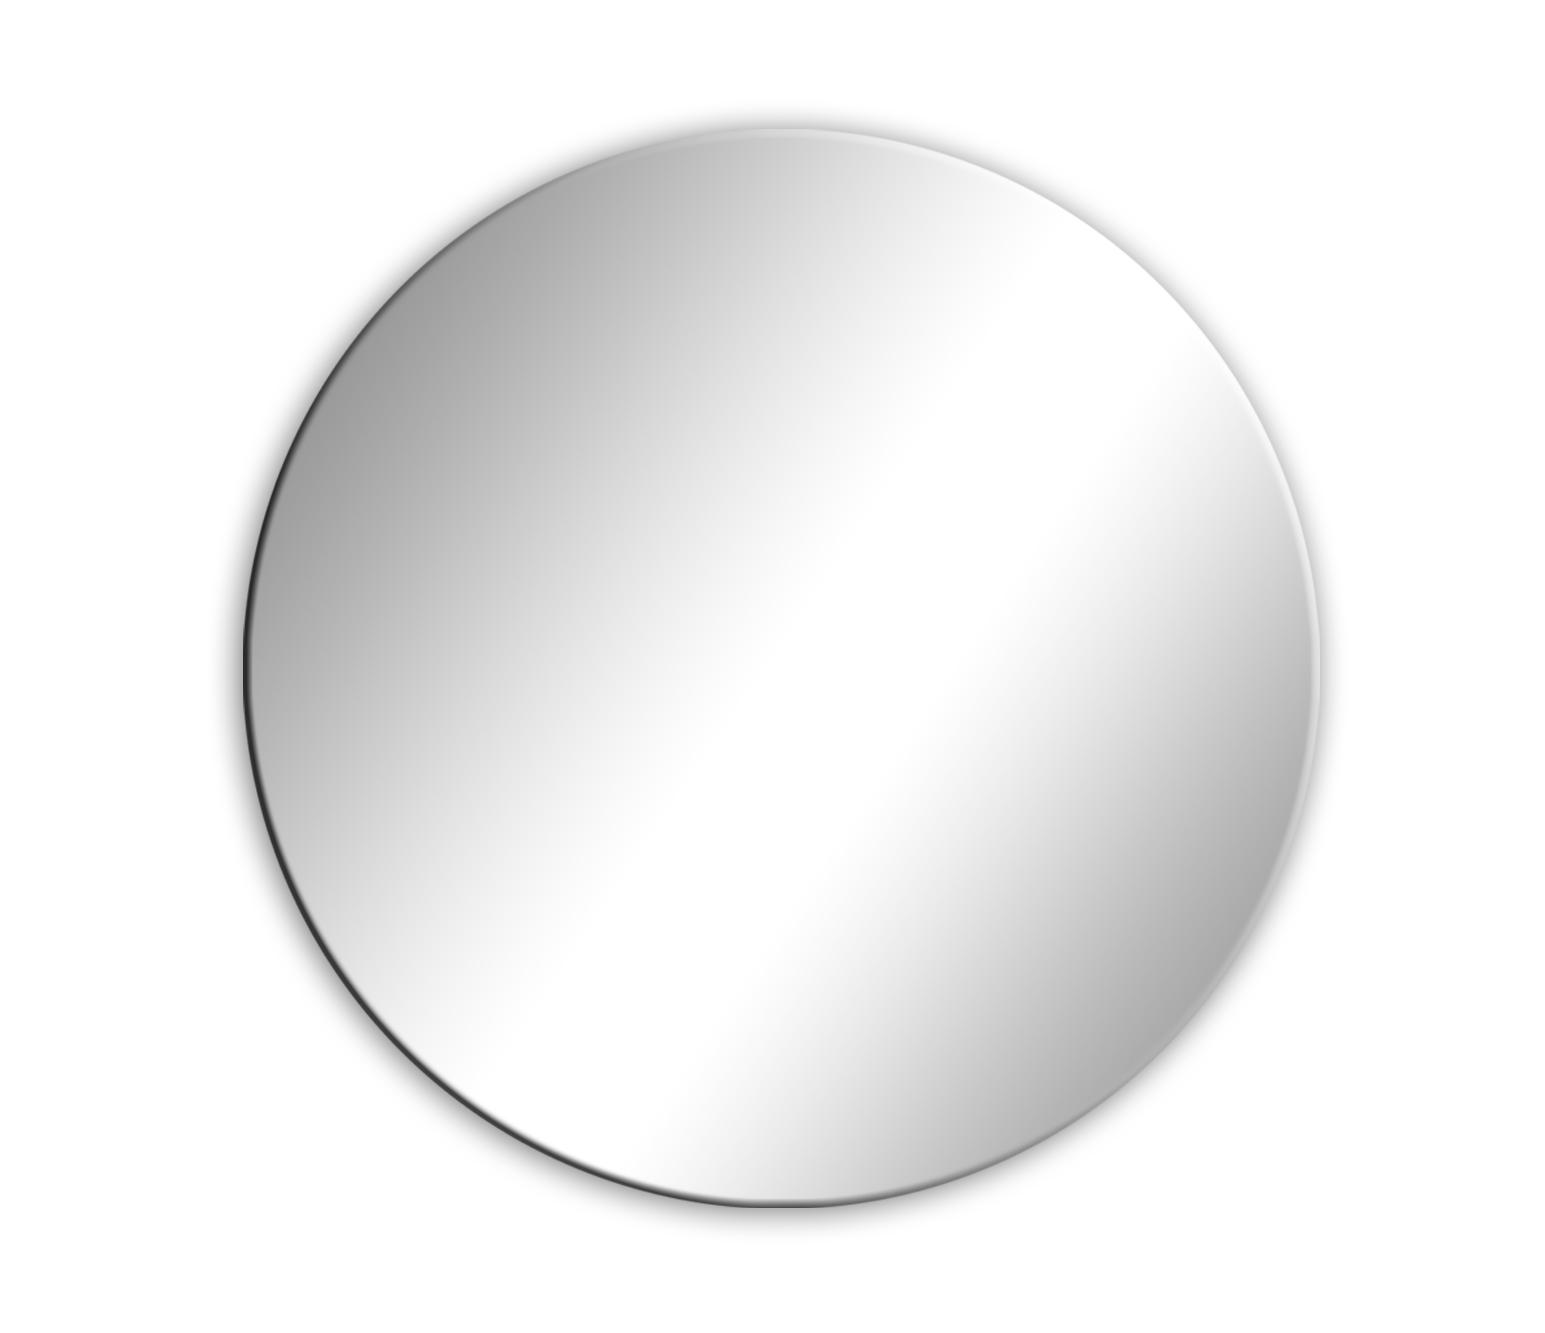 Zrkadlový kruh kolo 70x70 s rôznou veľkosťou veľkosti